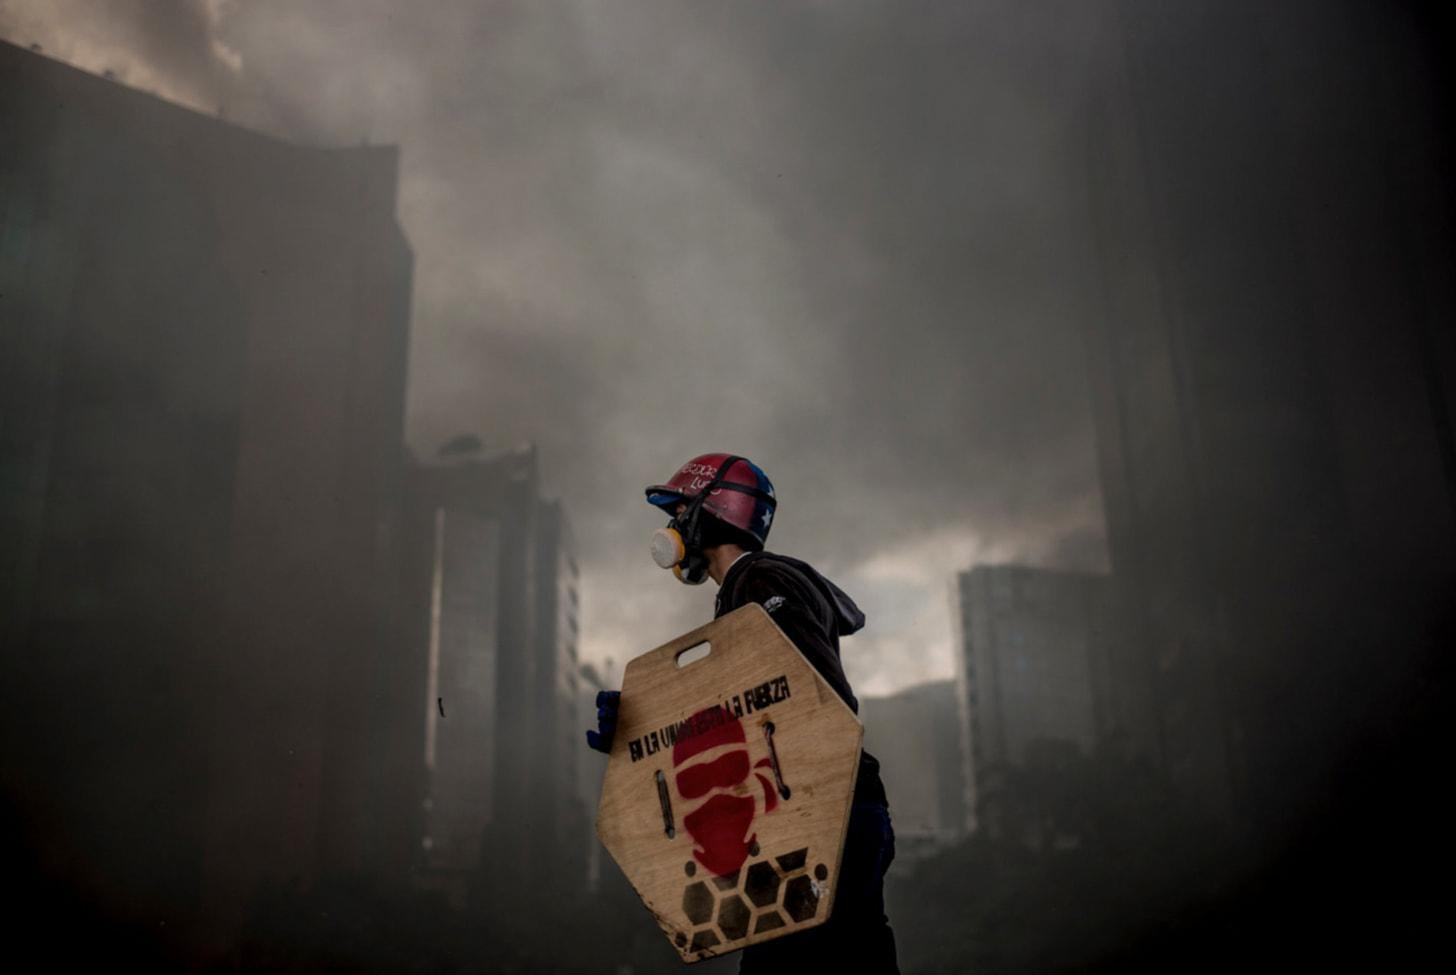 Lost battle, por Alejandro Cegarra